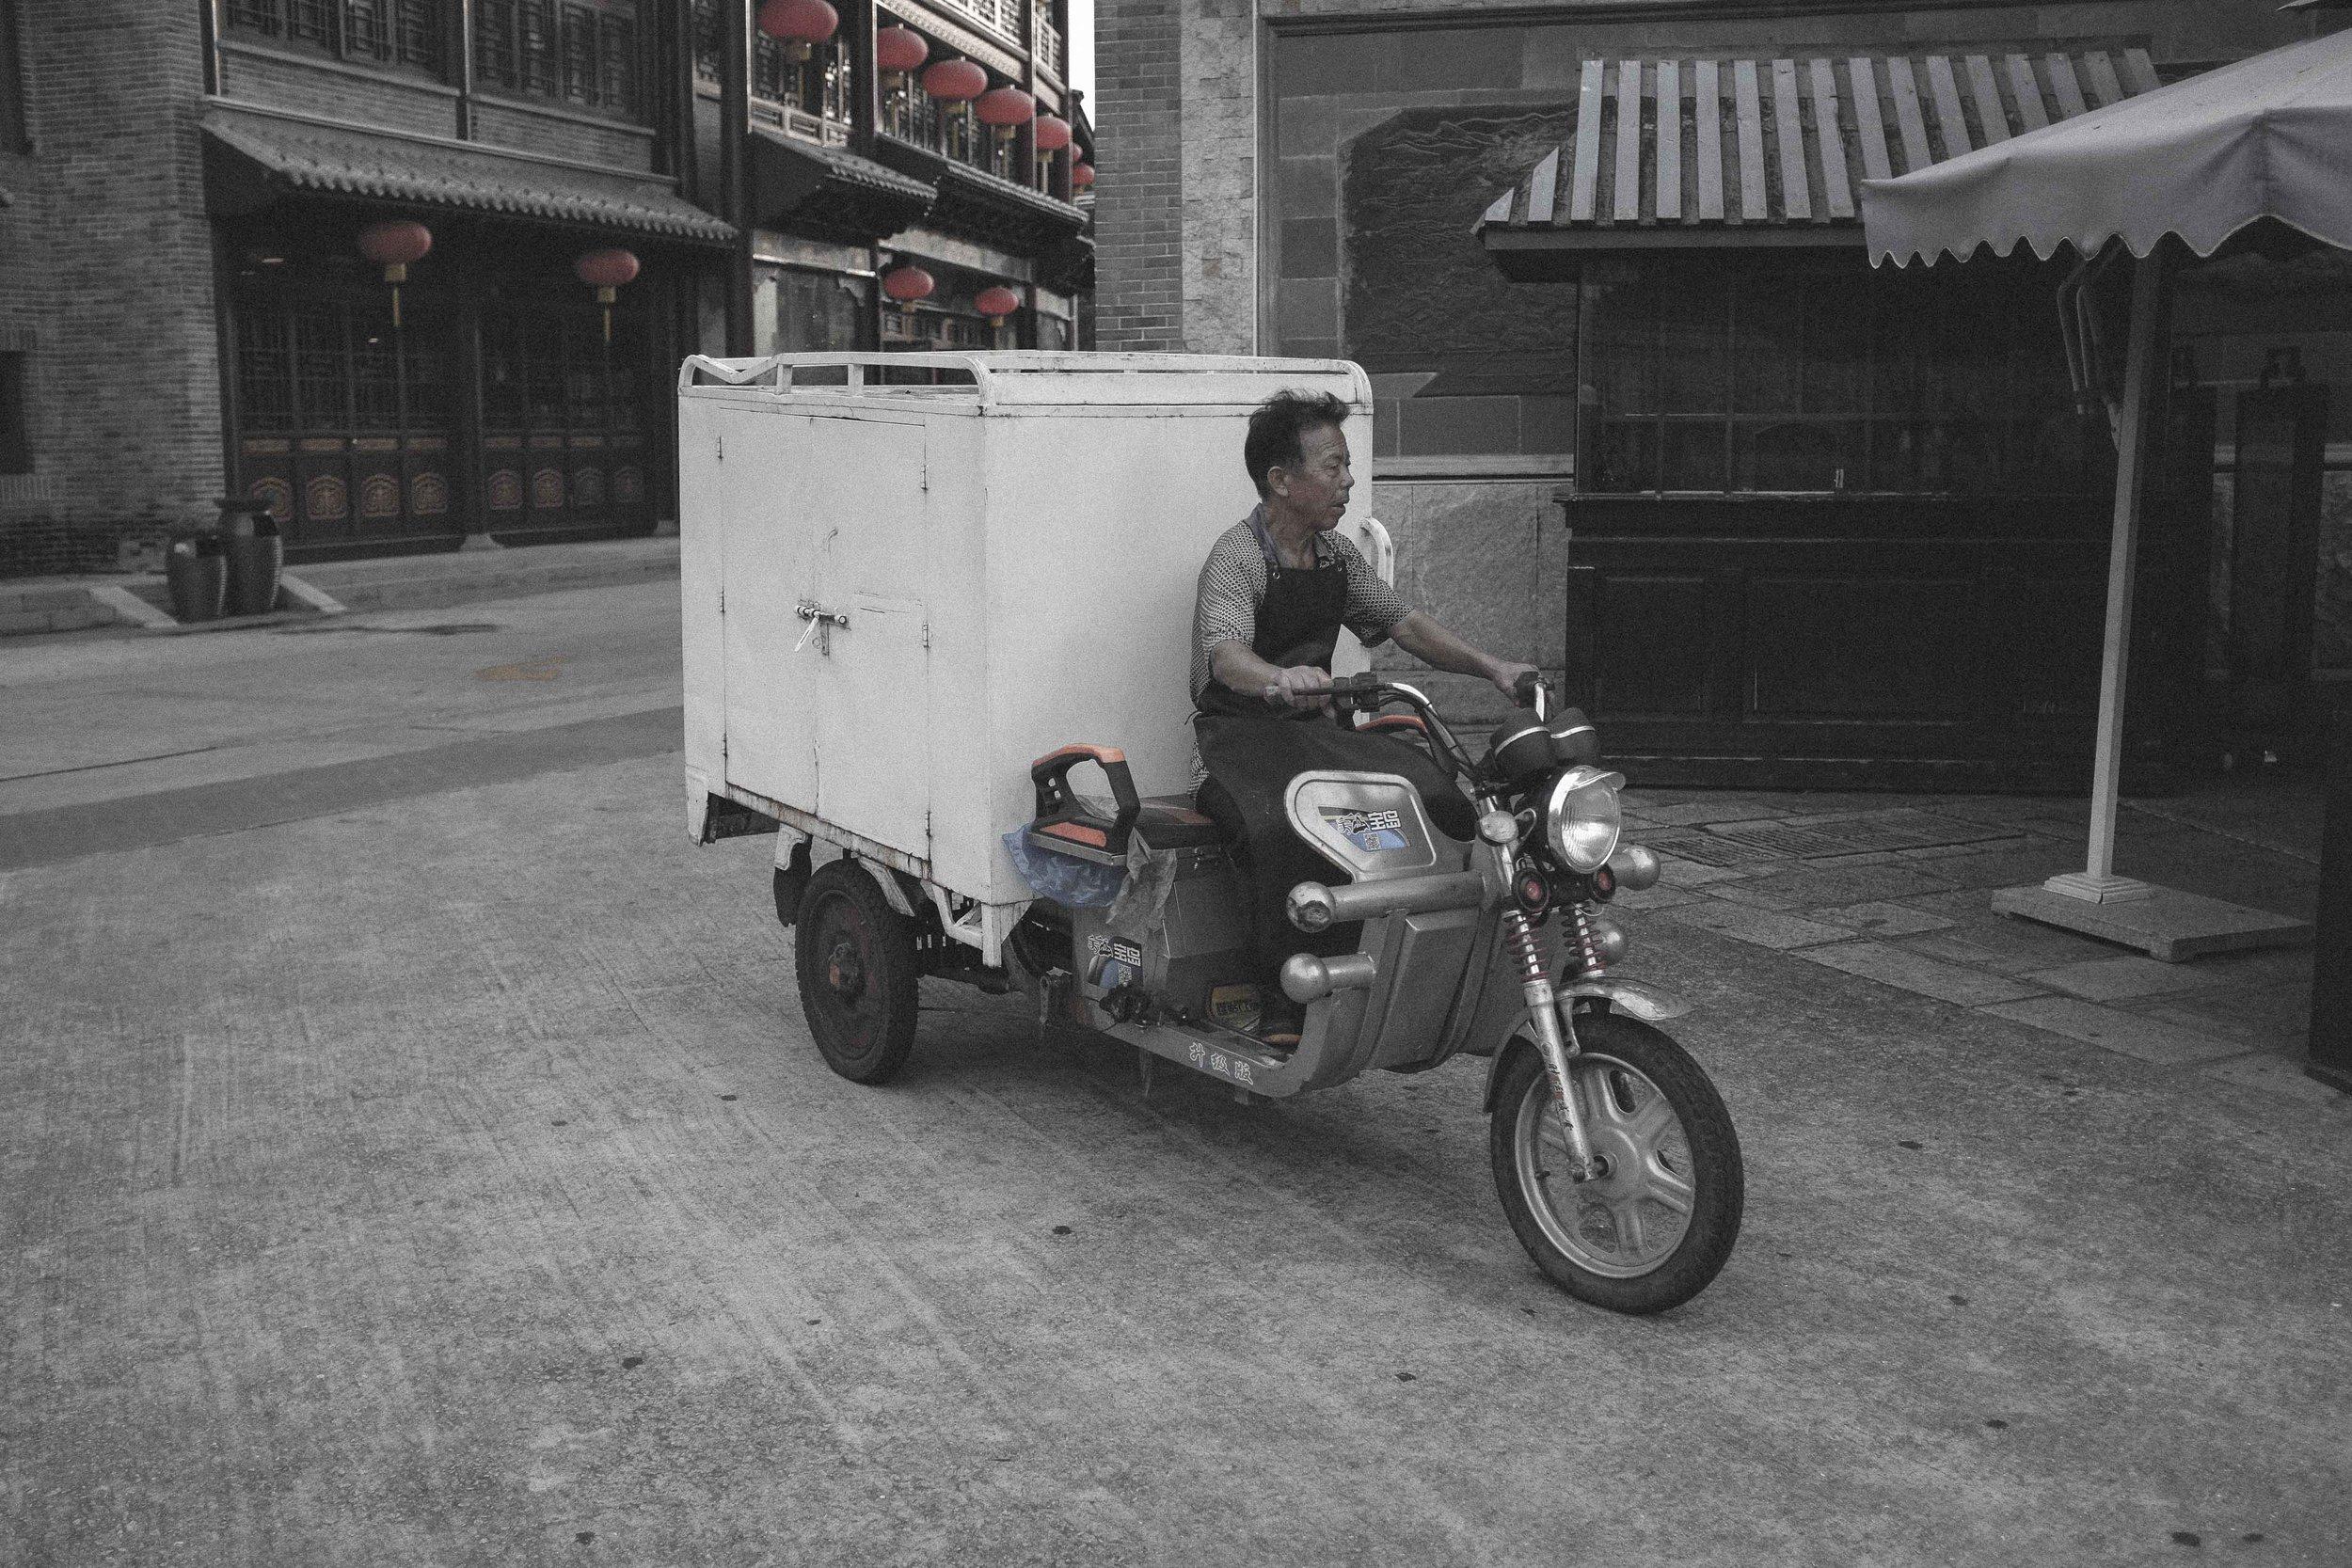 China_x100t_fujifilm_85.jpg